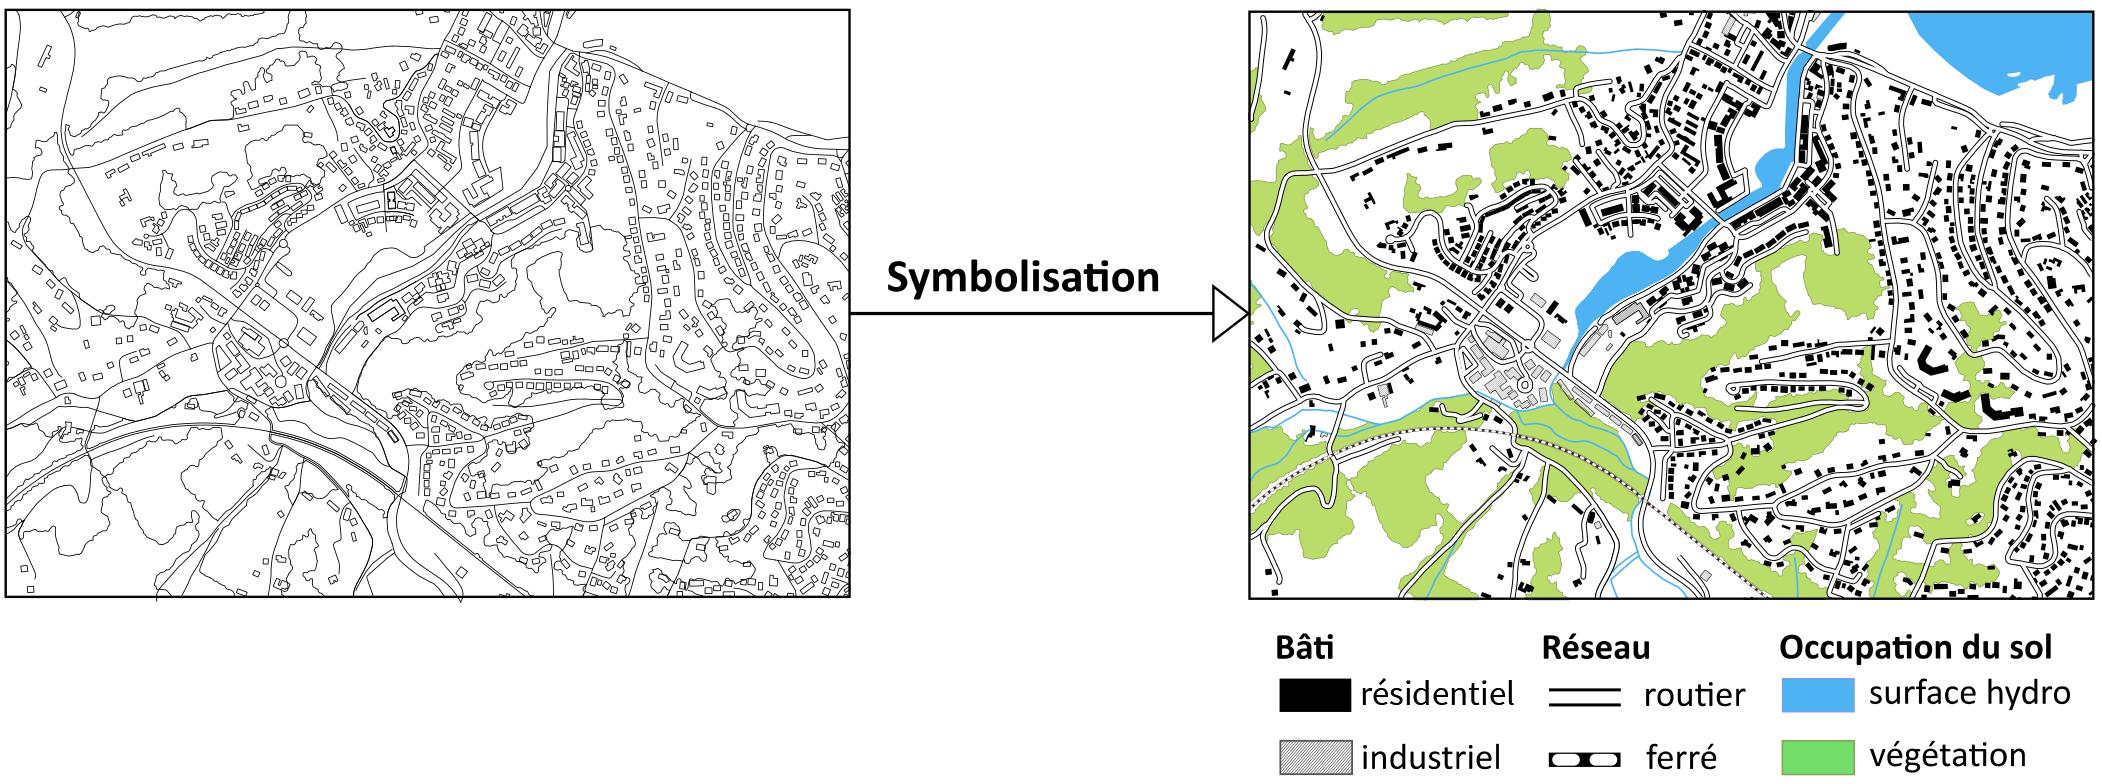 Jérémie Ory — Symbolisation d'un jeu de données cartographiques